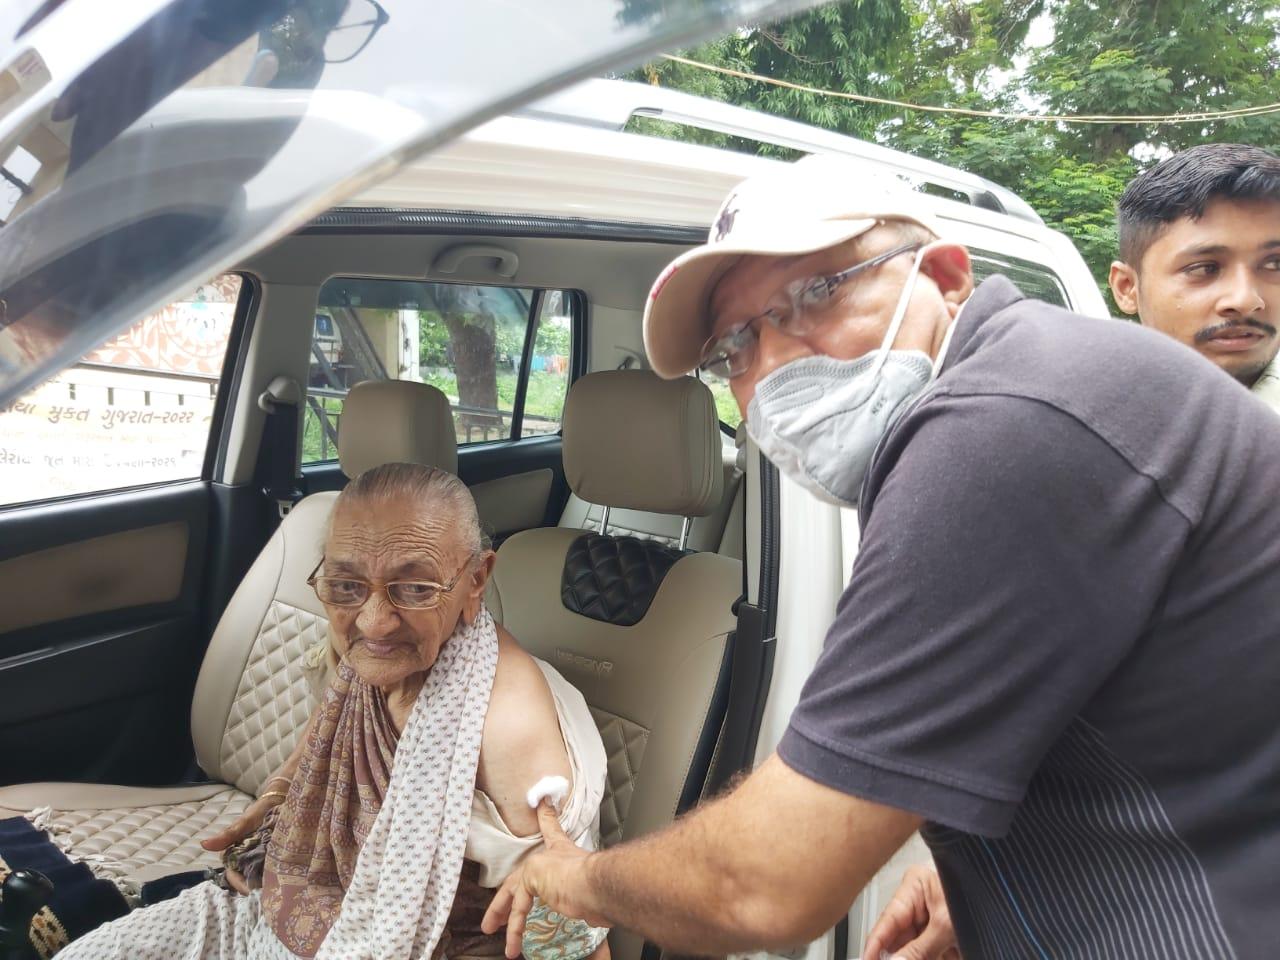 મહુધાના અલીણામાં 96 વર્ષિય વૃદ્ધાને વેક્સિન મૂકવા ખુદ મેડિકલ ઓફિસર આરોગ્ય કેન્દ્ર બહાર દોડી આવ્યા|નડિયાદ,Nadiad - Divya Bhaskar